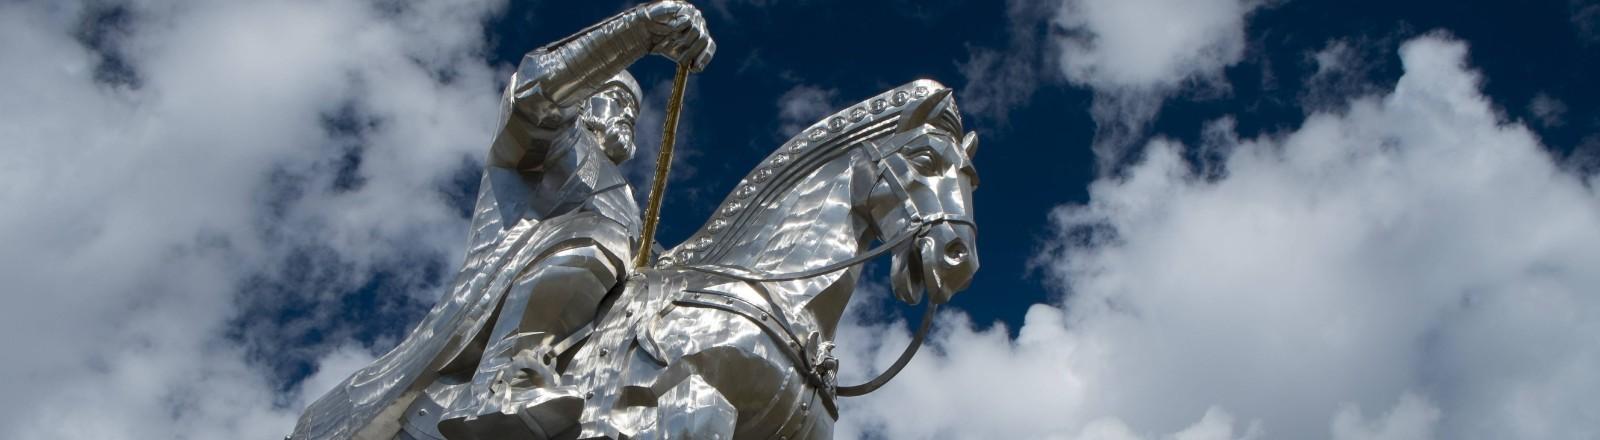 Eine Statue von Dschingis Khan